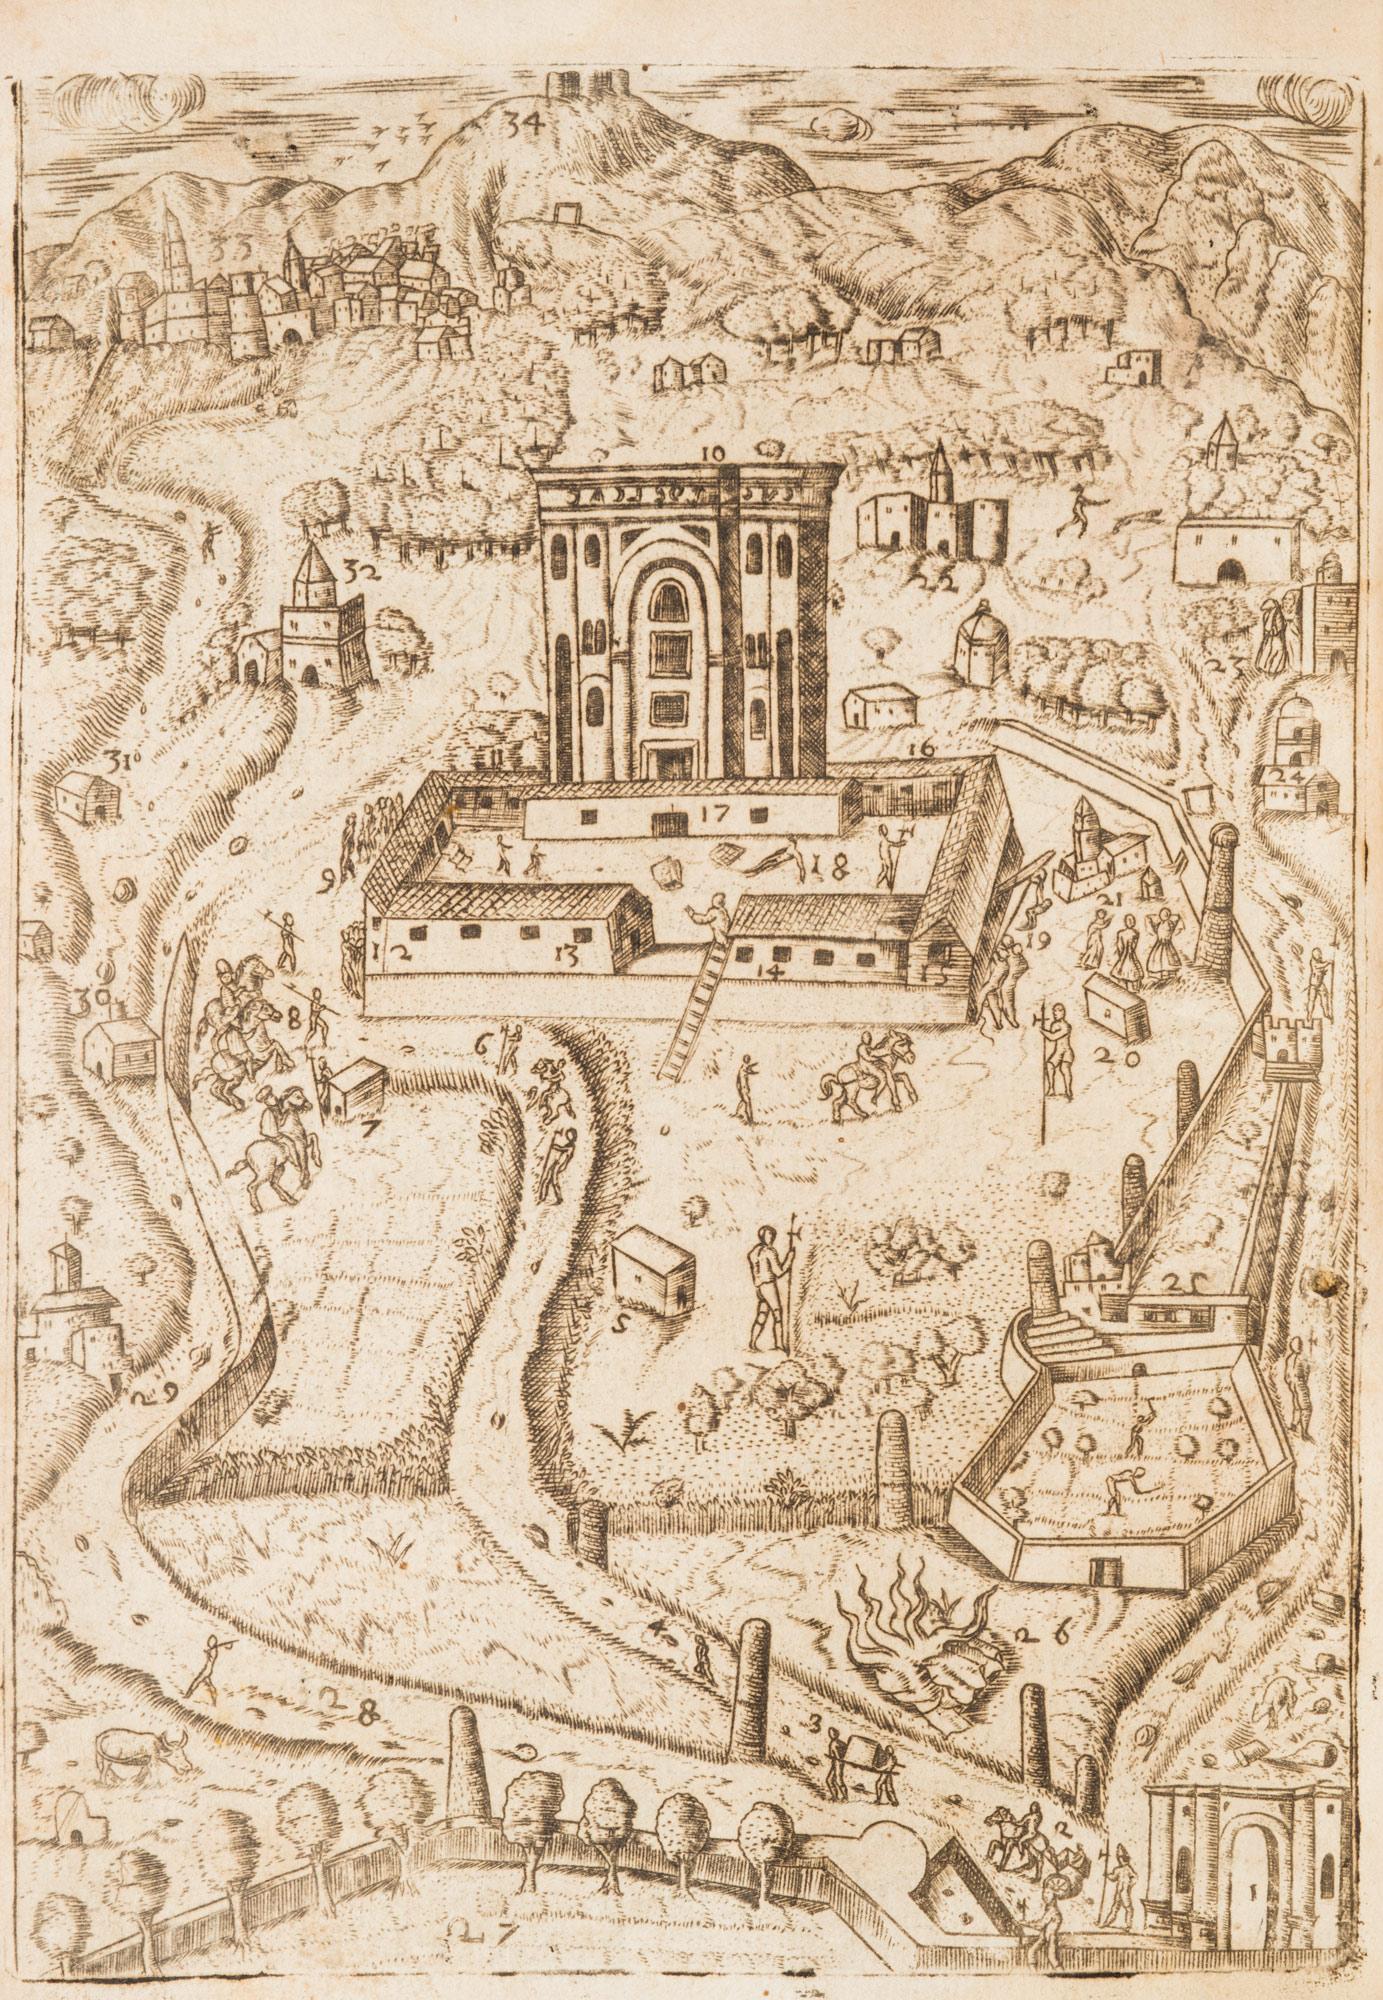 Informatione del pestifero, et contagioso morbo il quale affligge et have afflitto questa città di Palermo et molte altre citta', e terre di questo regno di sicilia, nell'anno 1575 et 1576…